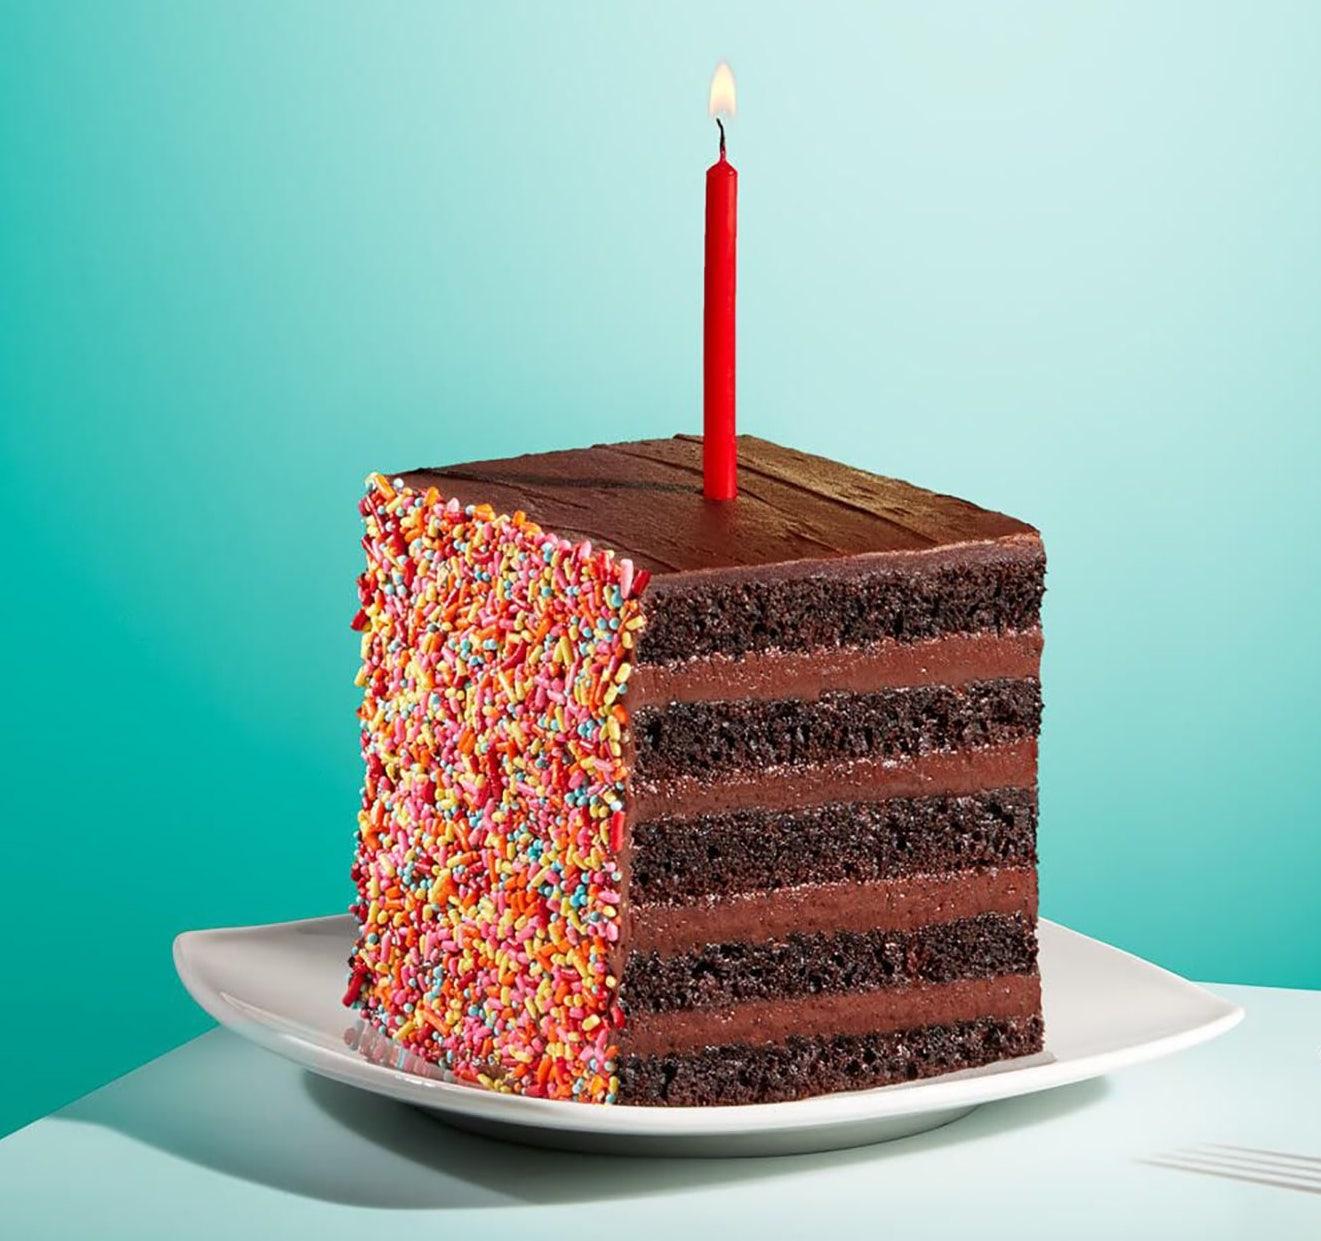 Best Gluten Free Chocolate Cake Mix: Gluten Free Faves